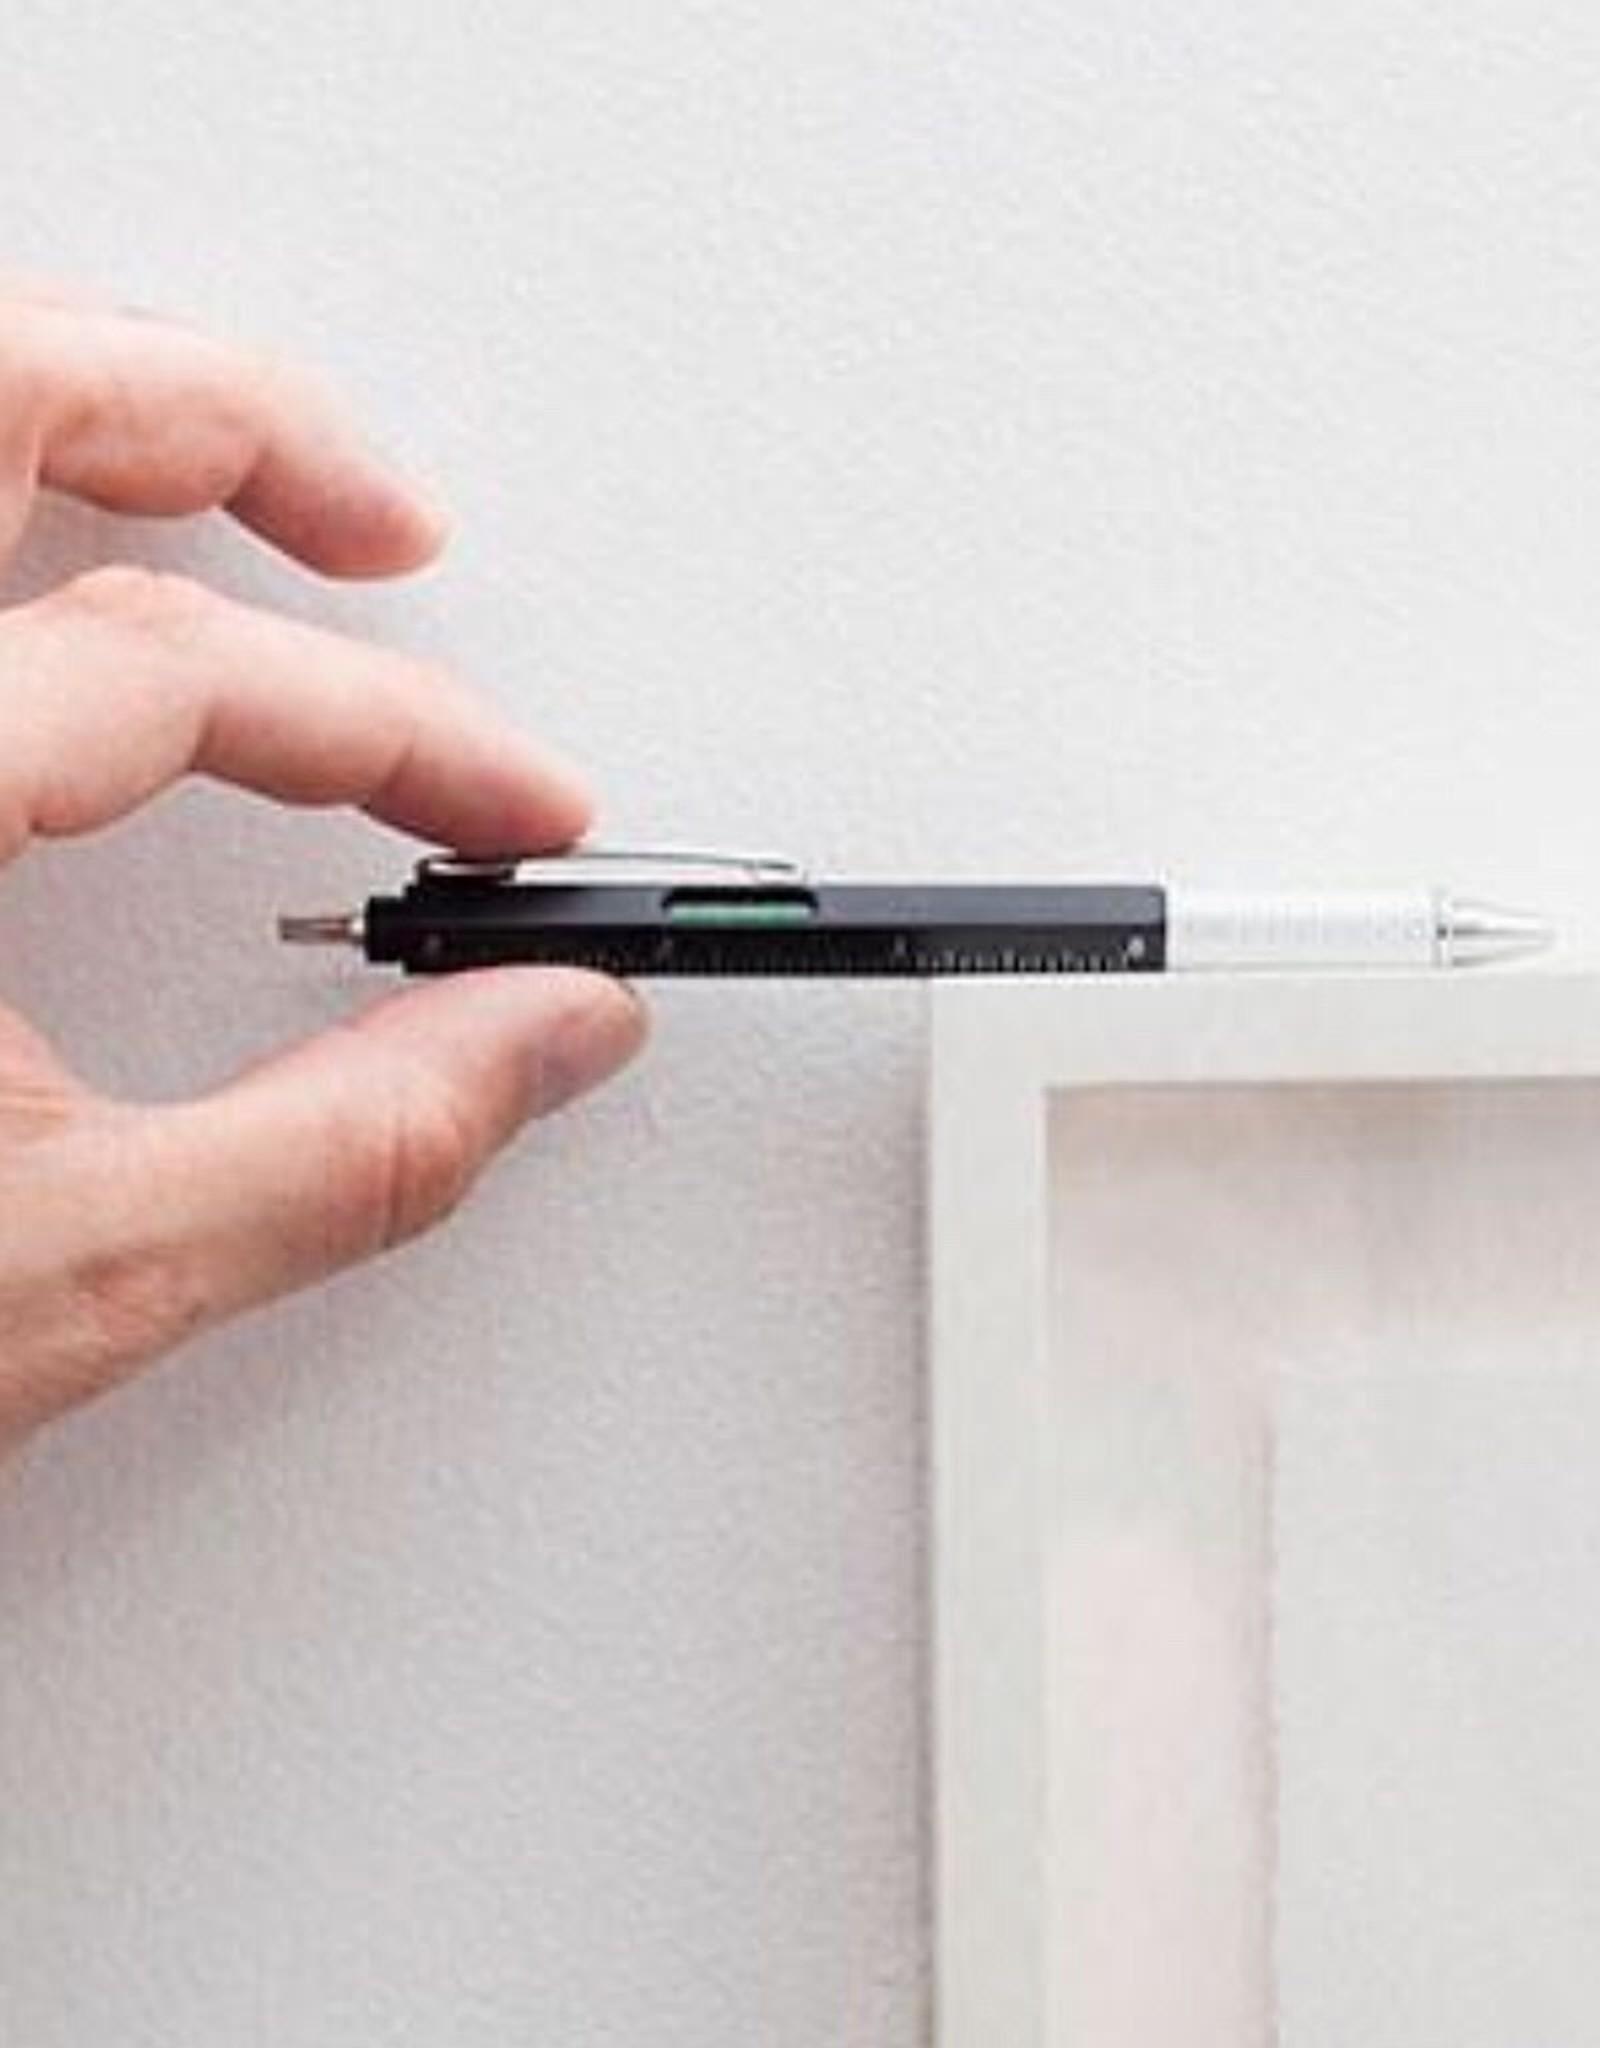 Kikkerland 4342 4 in 1 Pen Tool